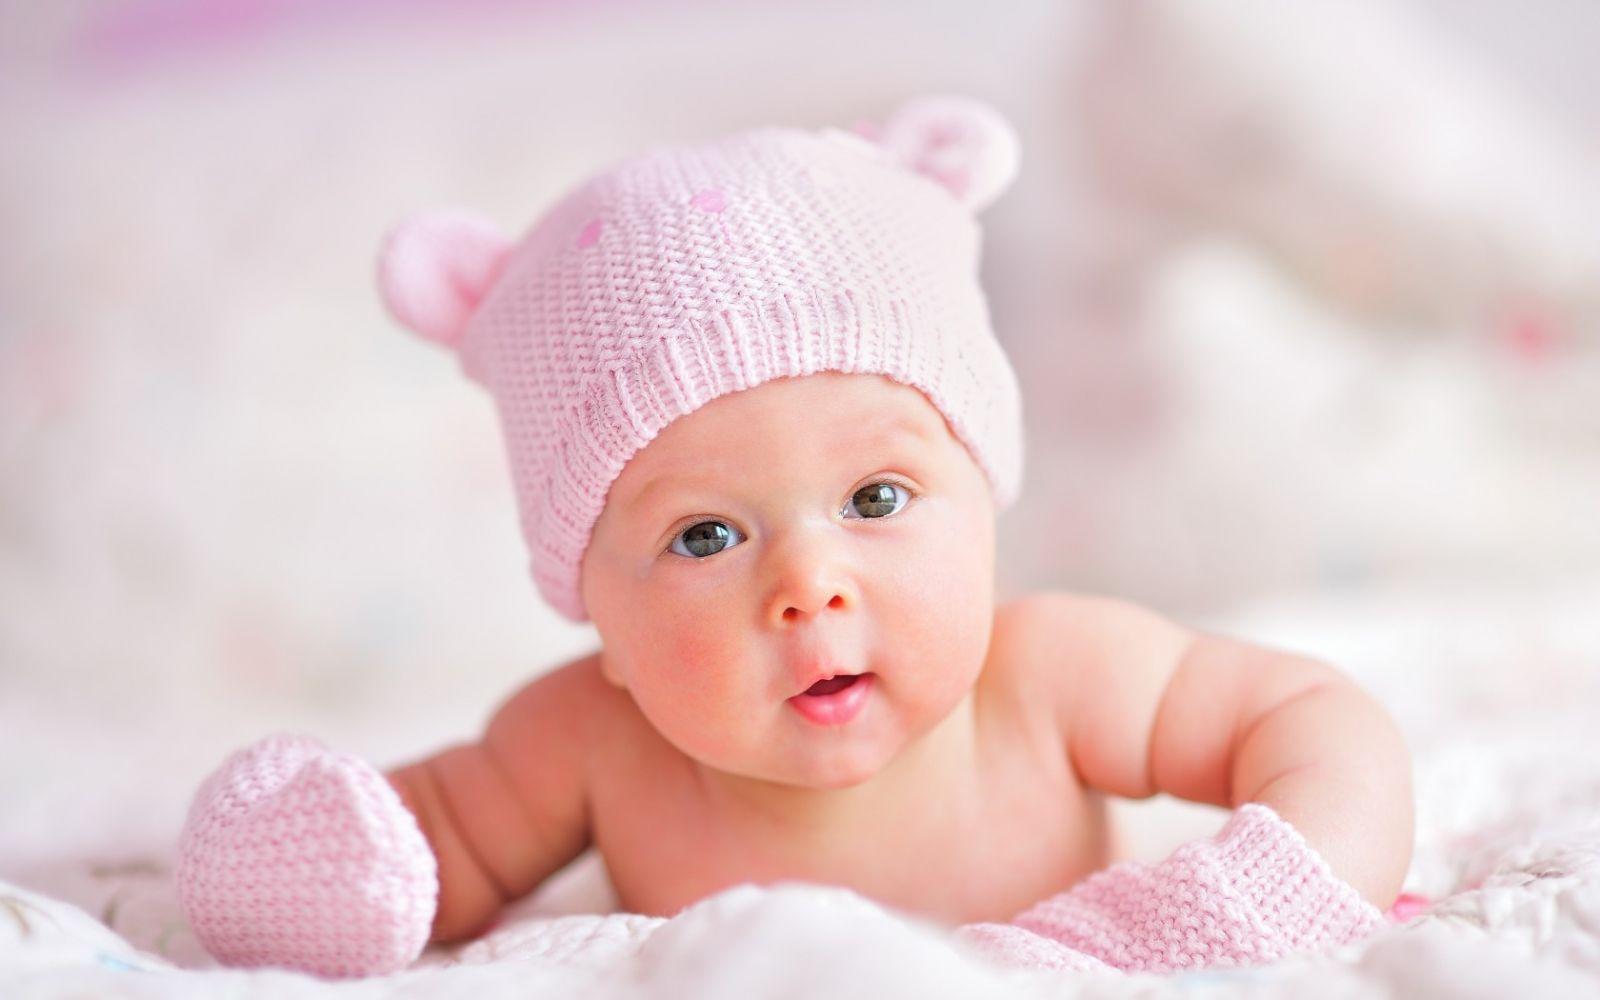 Линекс для новорождённых: эффективность и безопасность препарата